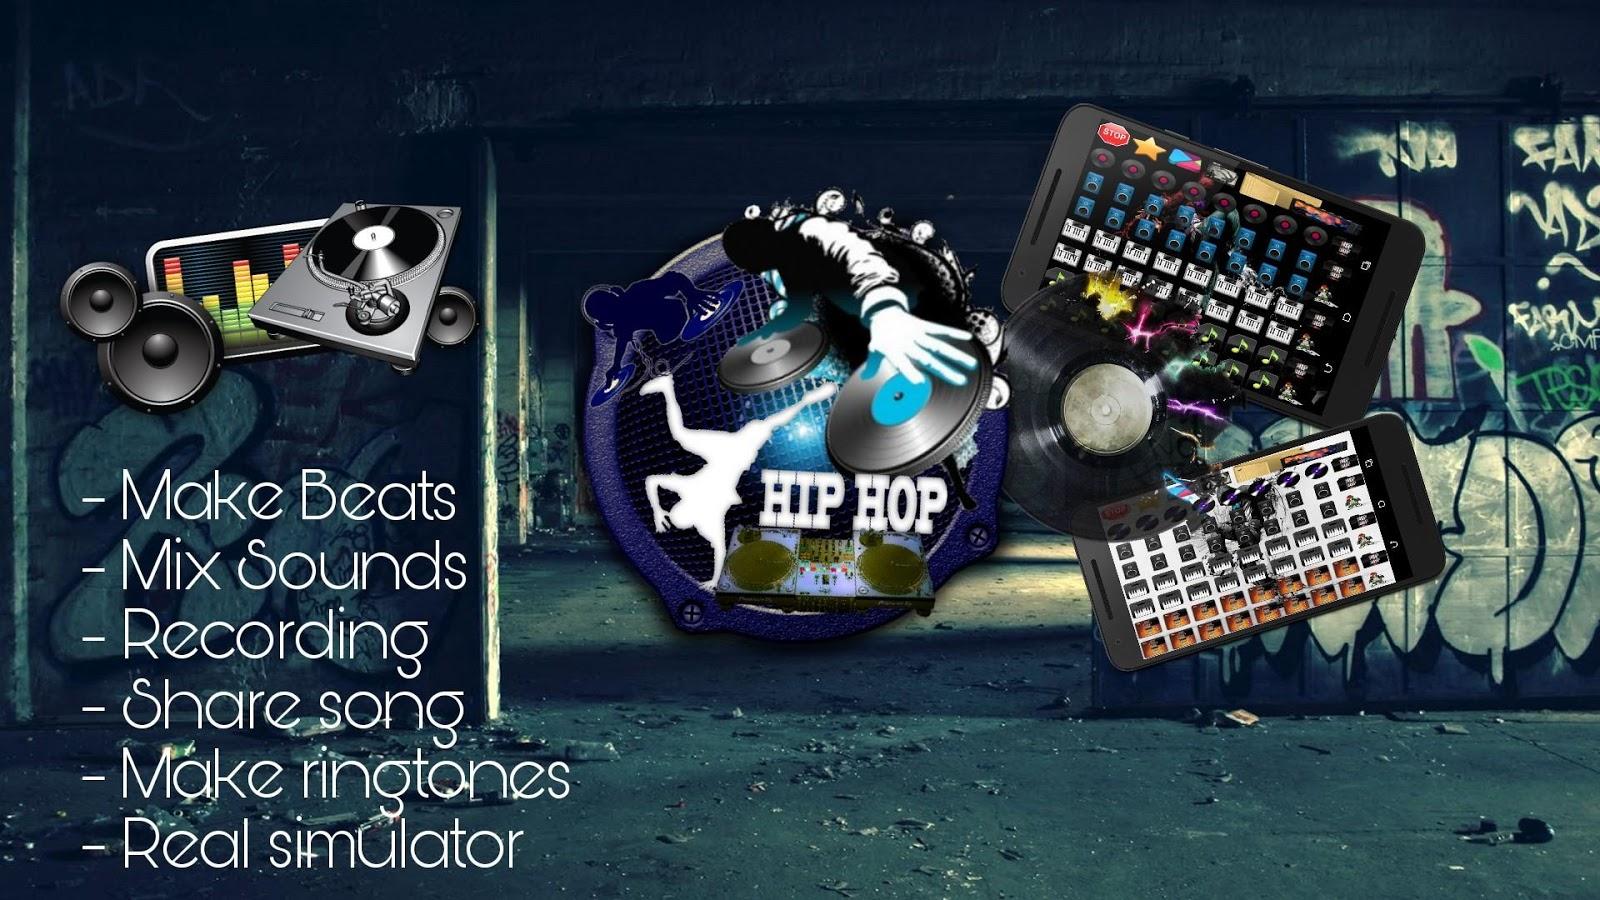 hip hop dj beat maker android apps on google play. Black Bedroom Furniture Sets. Home Design Ideas